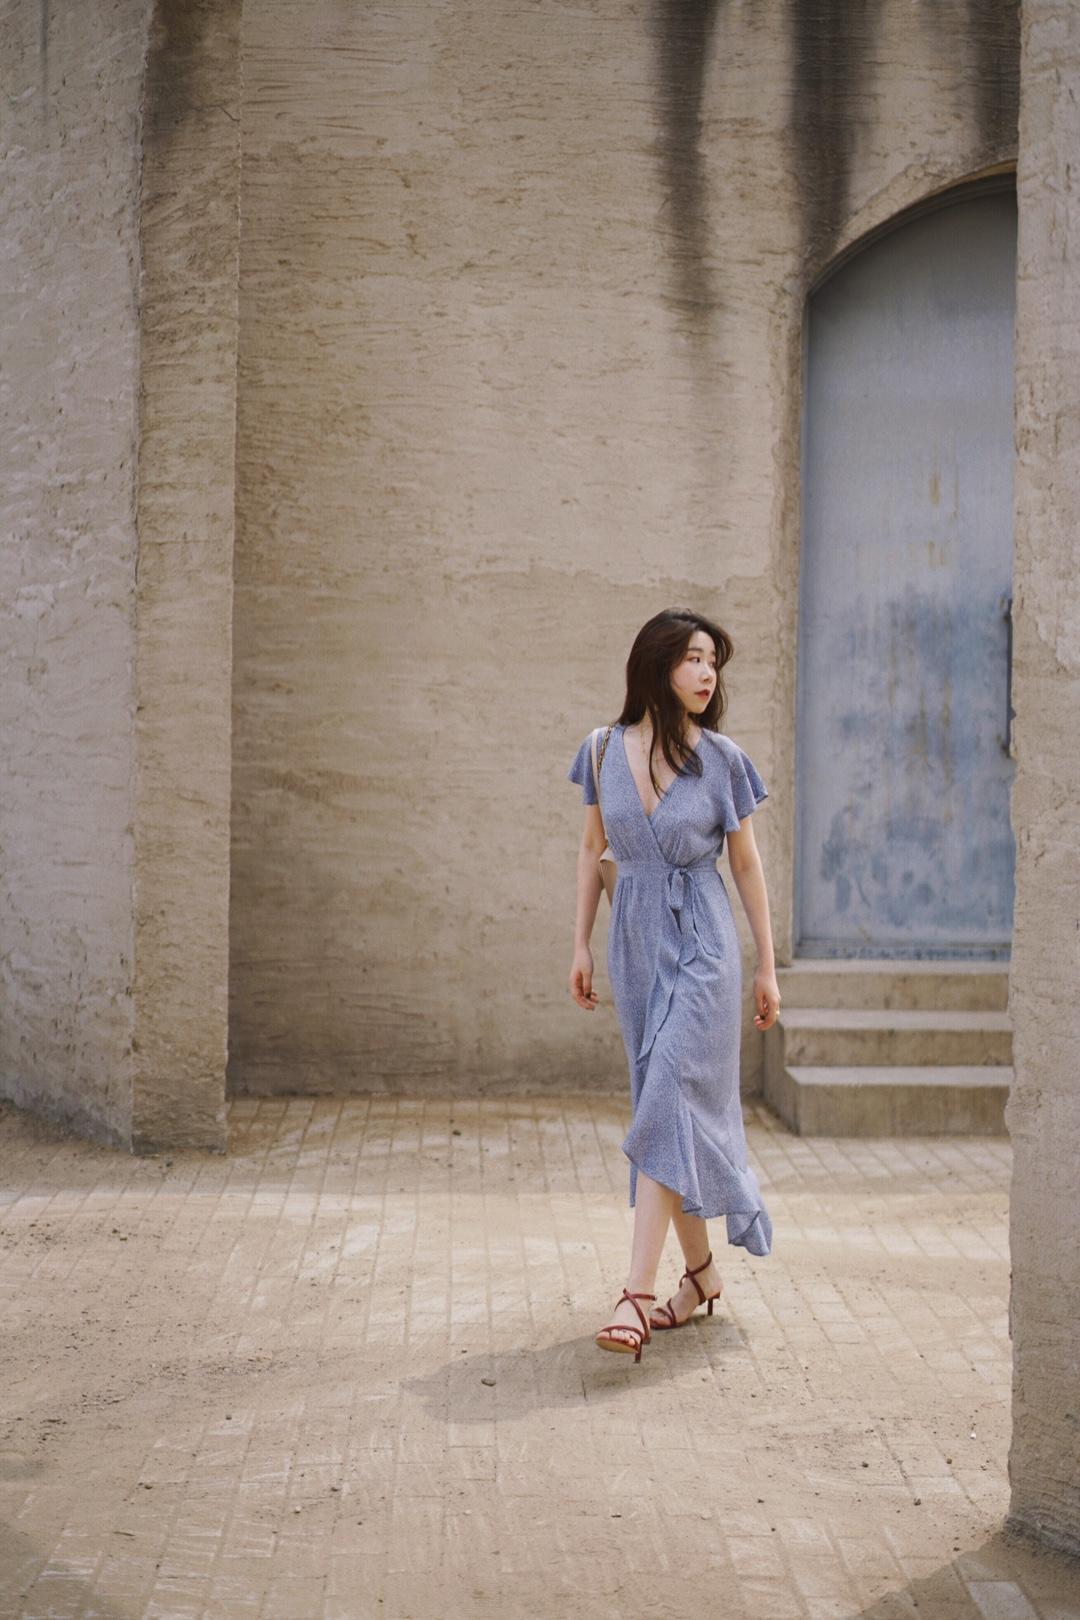 夏日穿搭,浪漫感法式连衣裙选这条。 前段时间去北京一趟,专门穿了好看的连衣裙去了趟中国油画院,果然很好拍~ 温柔感的雾霾蓝色连衣裙上身太好看了,颜色很衬肤色,荷叶边的设计自带浪漫感。 关于包包,米粉色、饱和度低的粉色很耐看好搭配,小方包的款式配金链很有气质。除了日常穿搭之外,也非常适合上班通勤。 凉鞋是带棕调的复古红色,一眼迷人,绑带的设计十分优雅~5.5cm的跟高,高度很合适,好穿好走,还显高。 #好看易学的温柔风穿搭模板!#